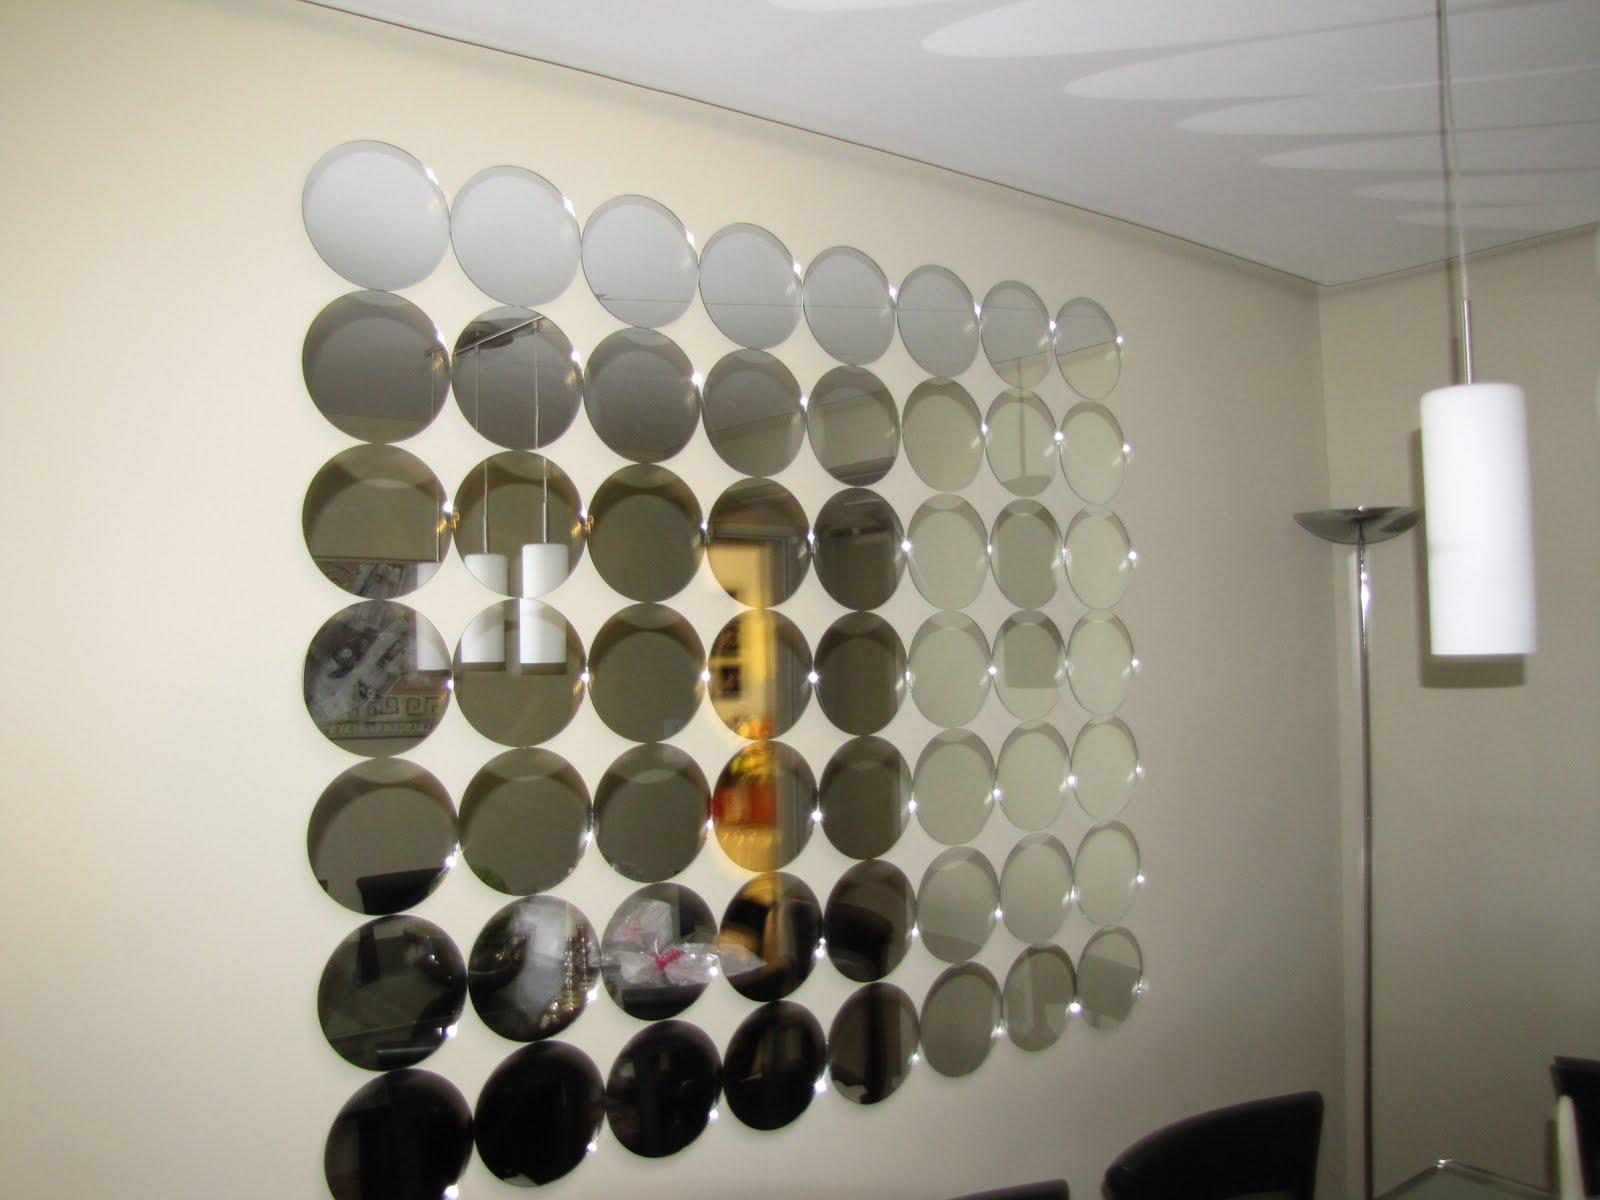 #9B7730  arquiteta Gabriela Dardis desta vez com espelhos em formato circular 1600x1200 píxeis em Decoração De Sala De Estar Com Espelhos